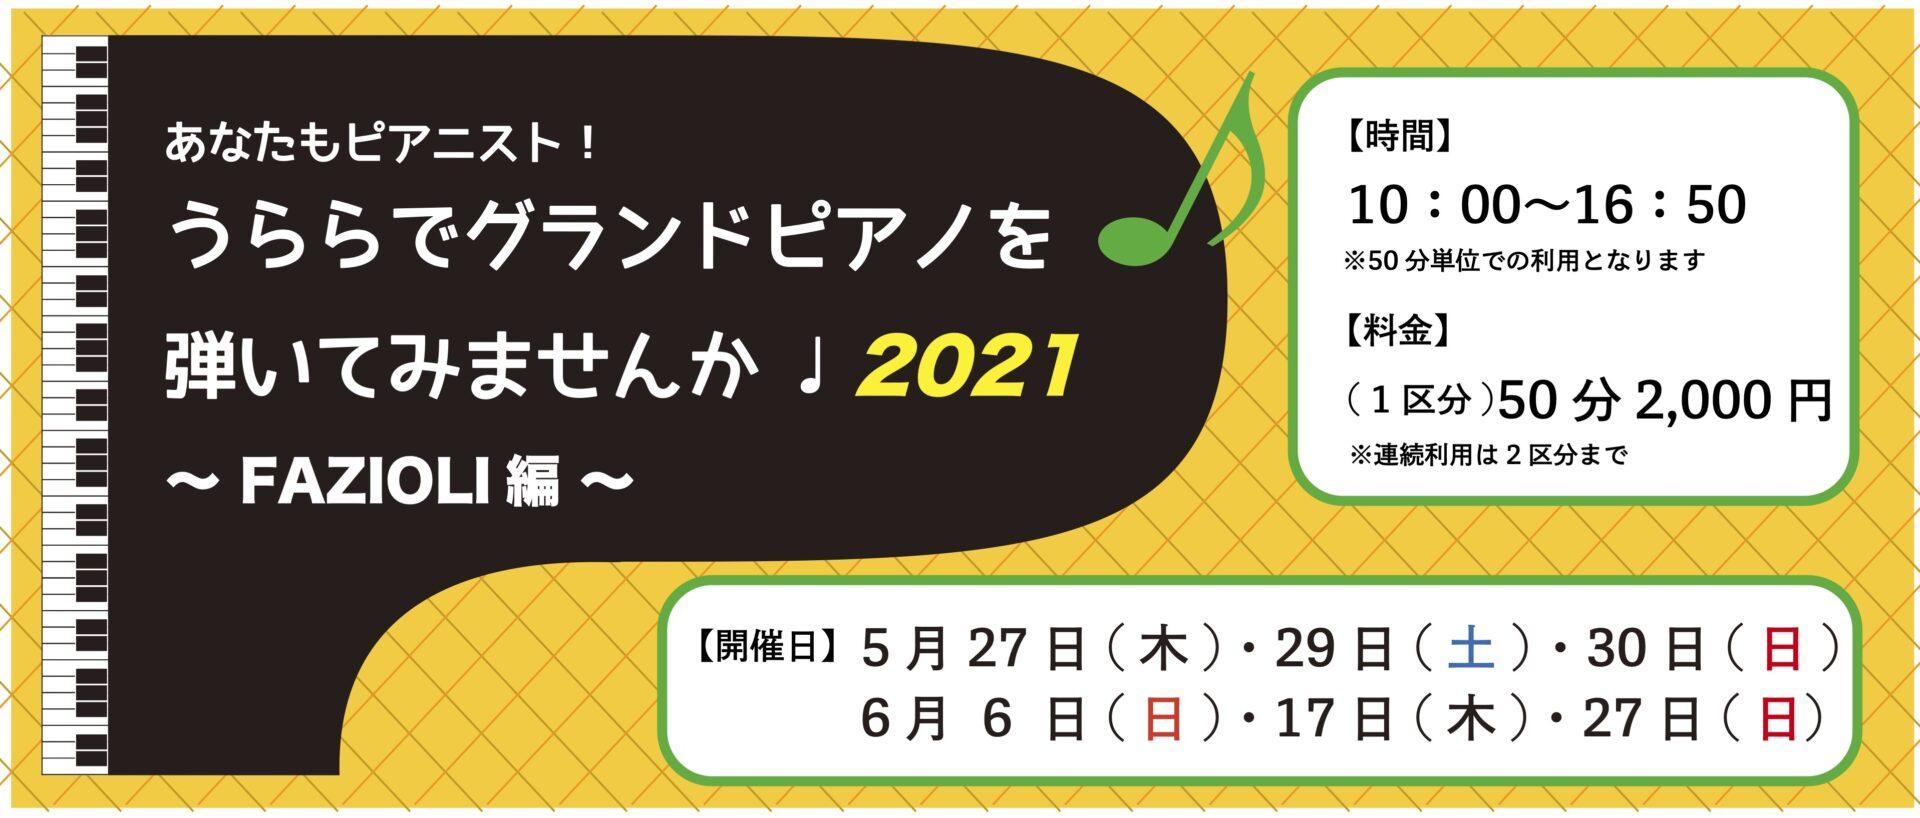 あなたもピアニスト♪2021〜FAZIOLI編〜